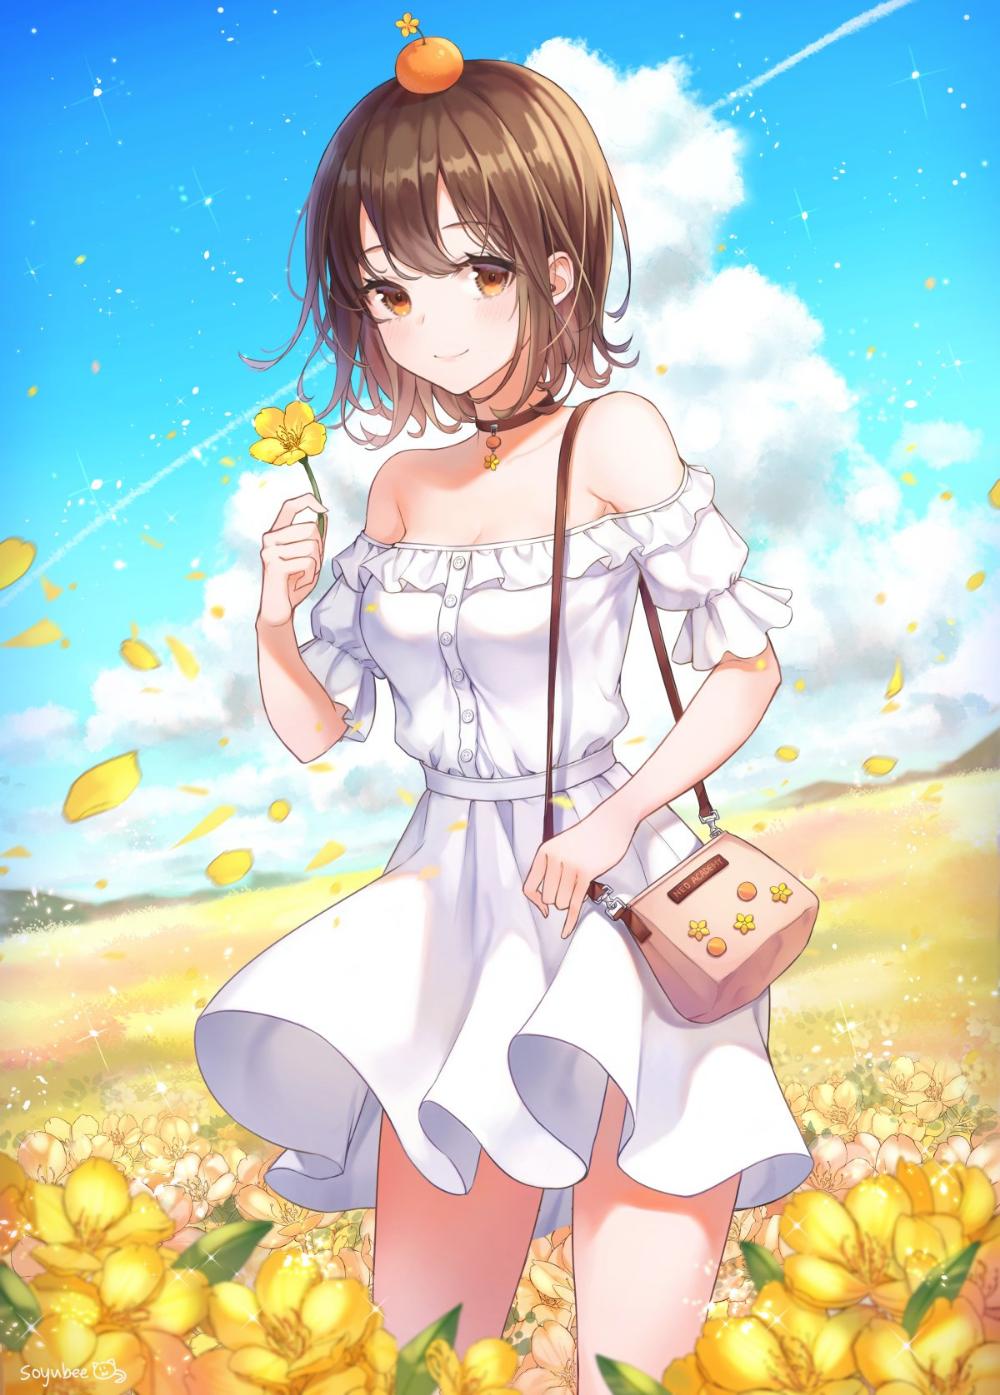 Photo of 소유비soyubee on Twitter